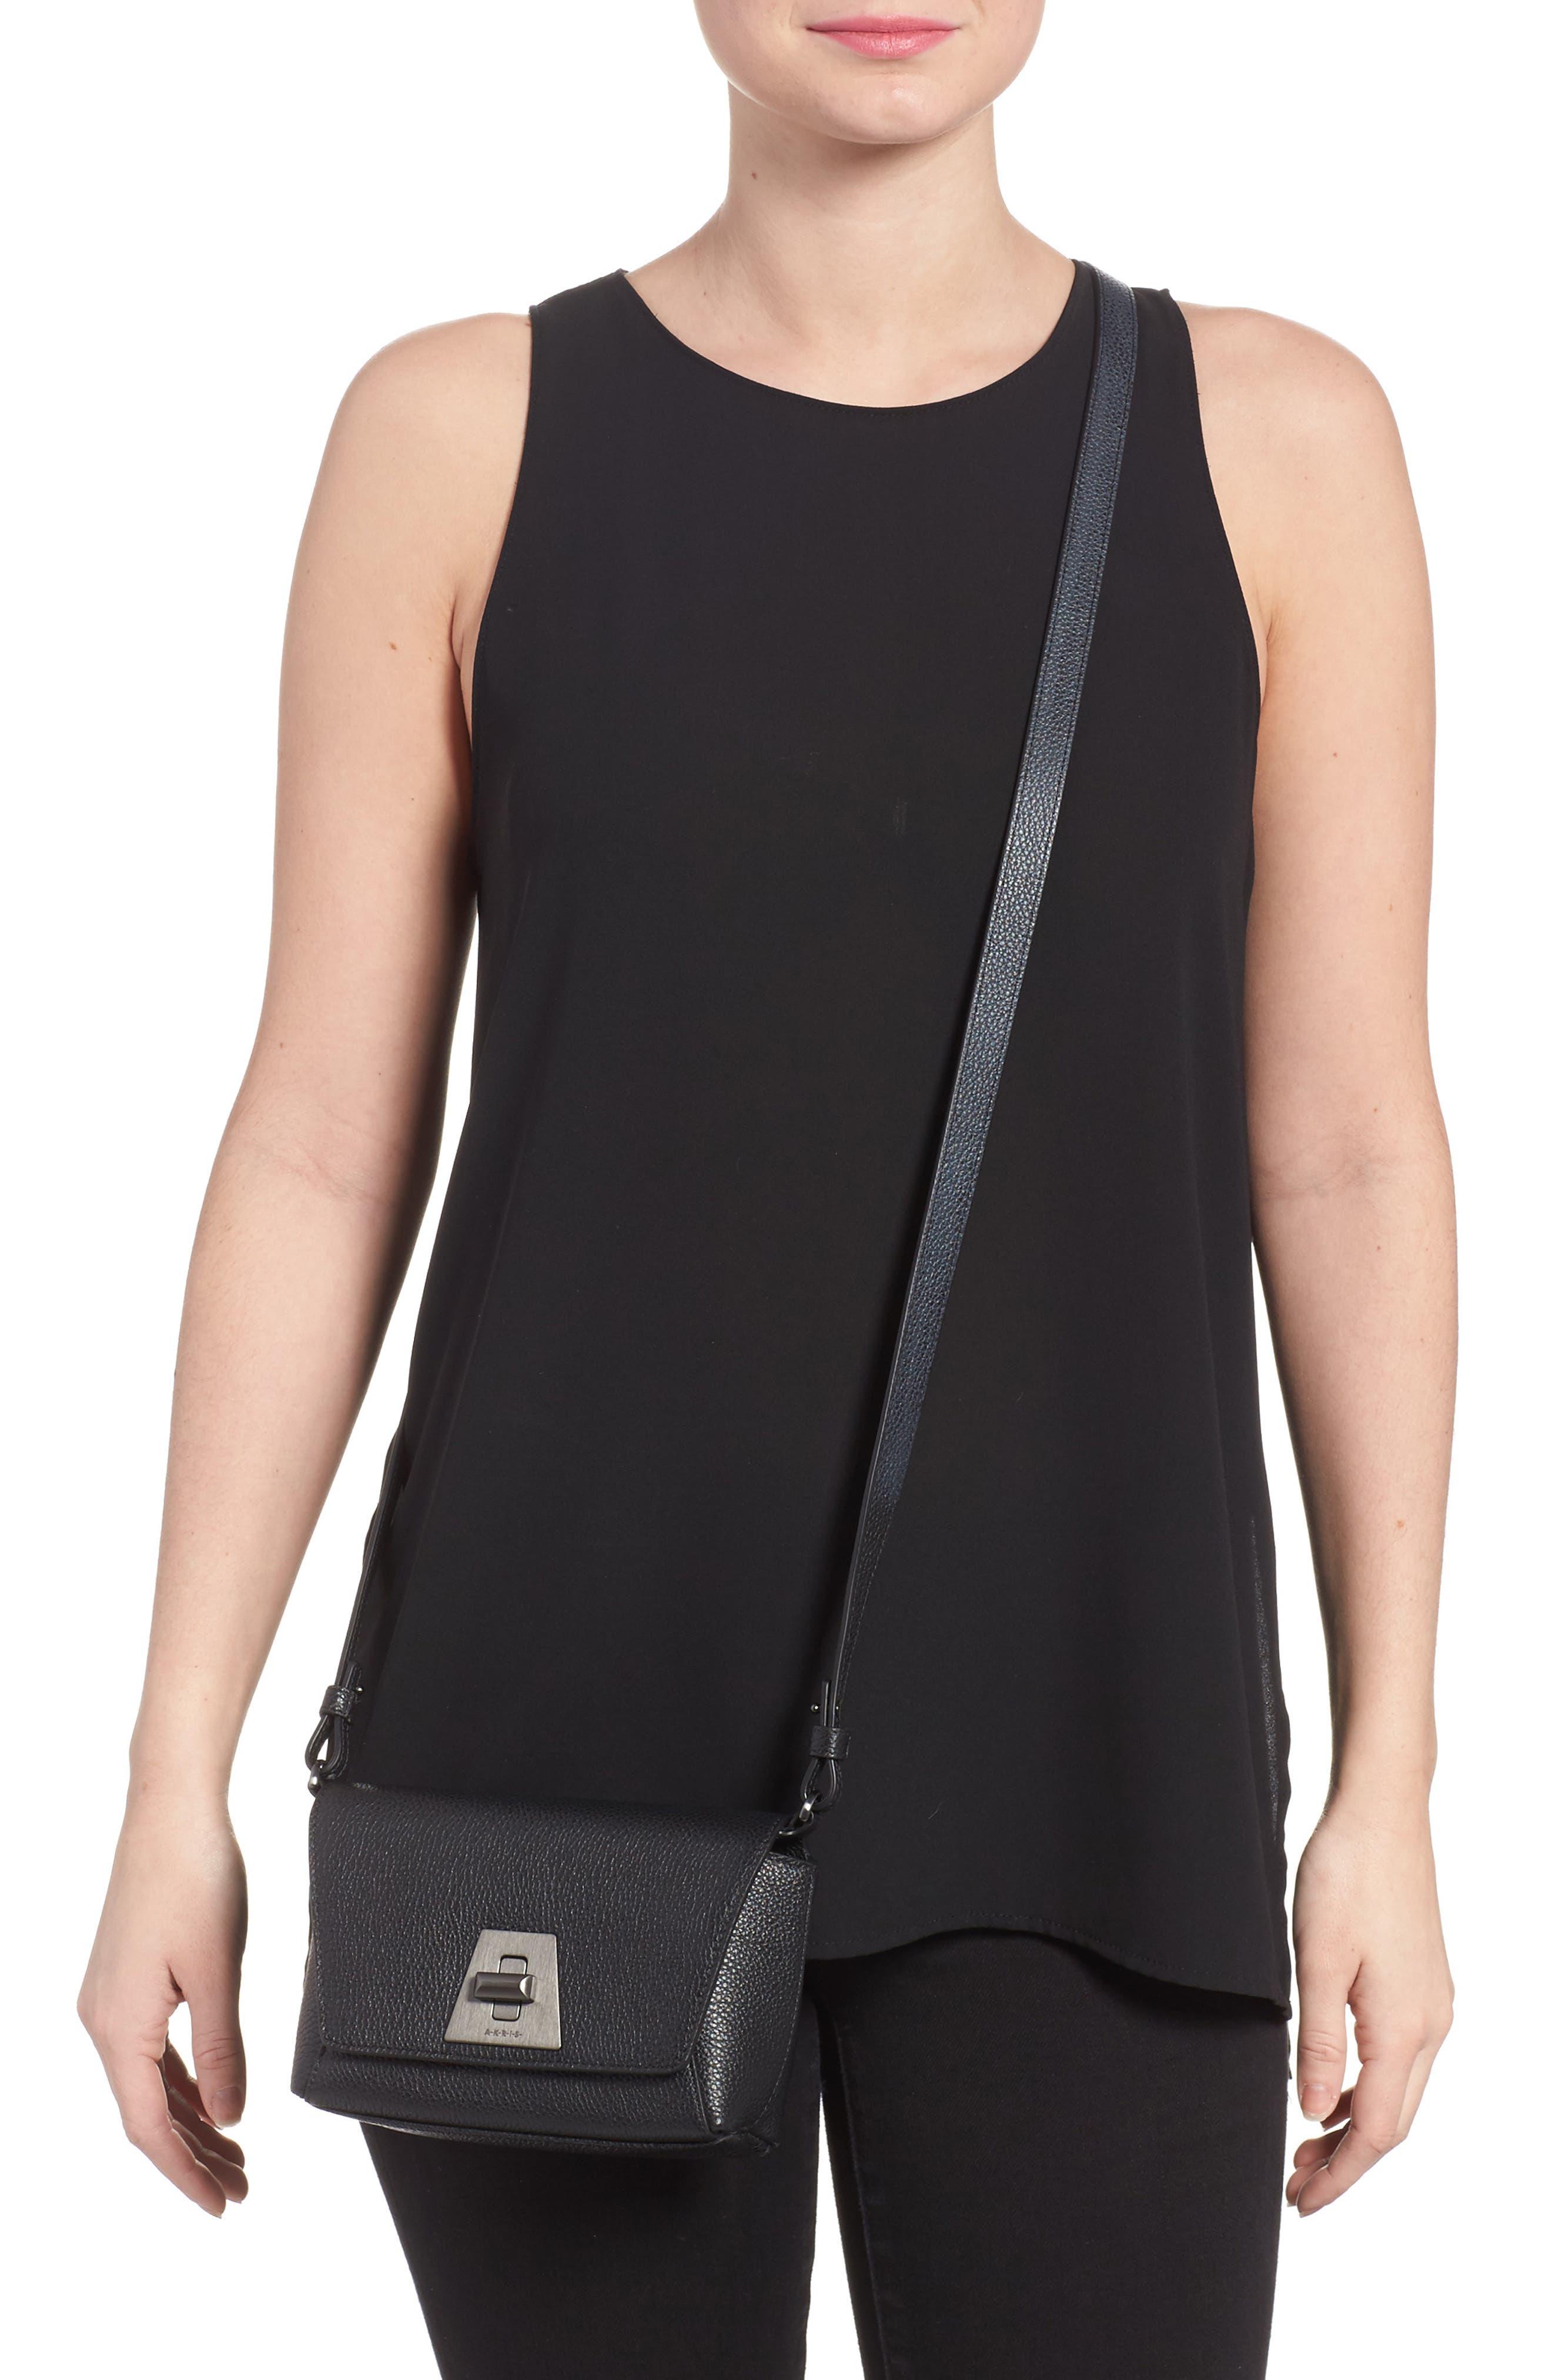 Little Anouk Leather Crossbody Bag,                             Alternate thumbnail 2, color,                             009 BLACK